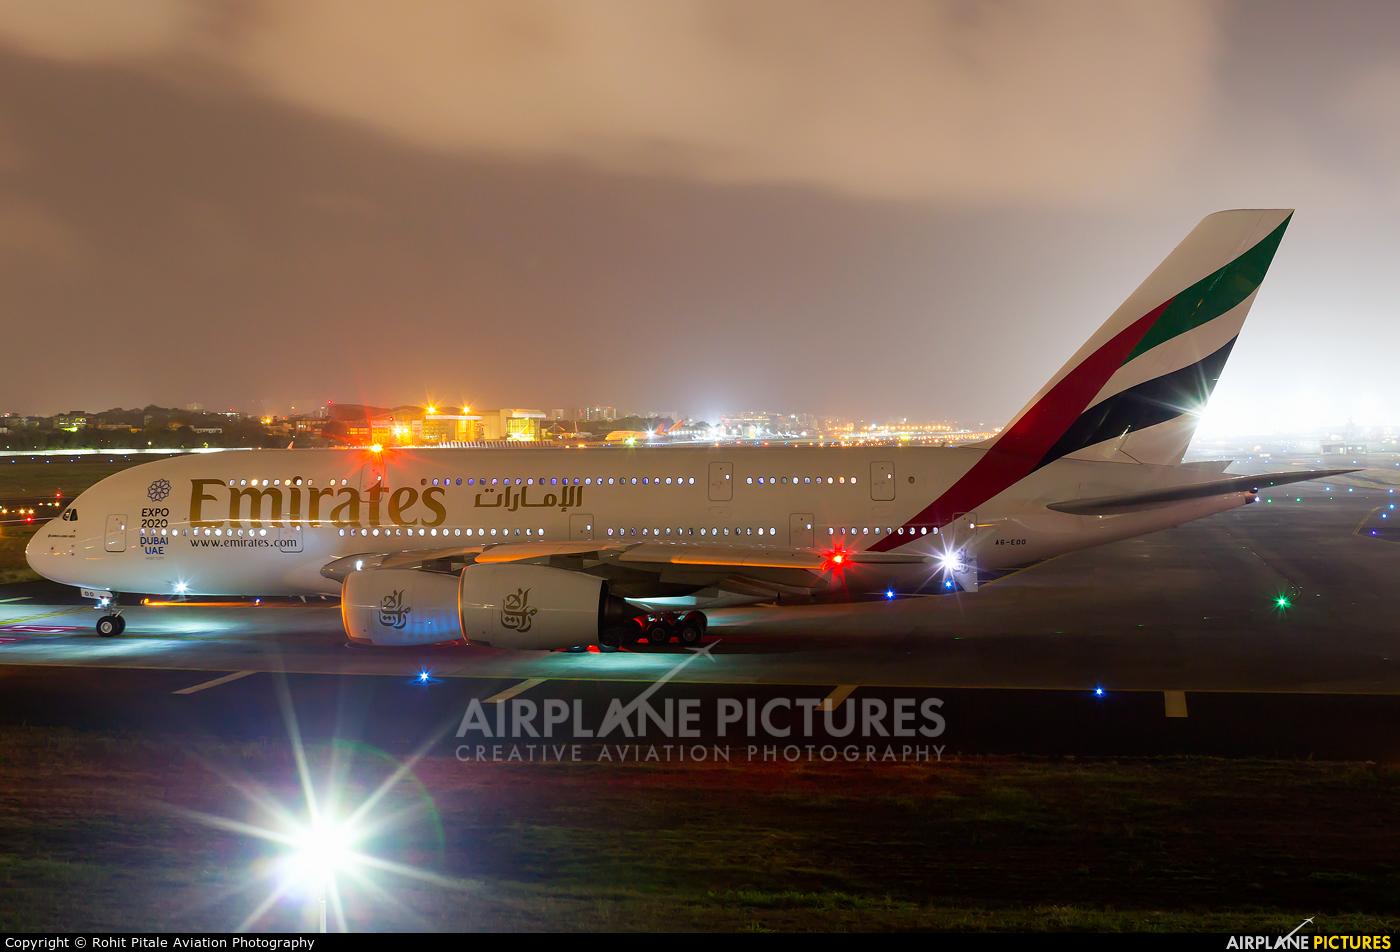 Emirates Airlines A6-EOO aircraft at Mumbai - Chhatrapati Shivaji Intl